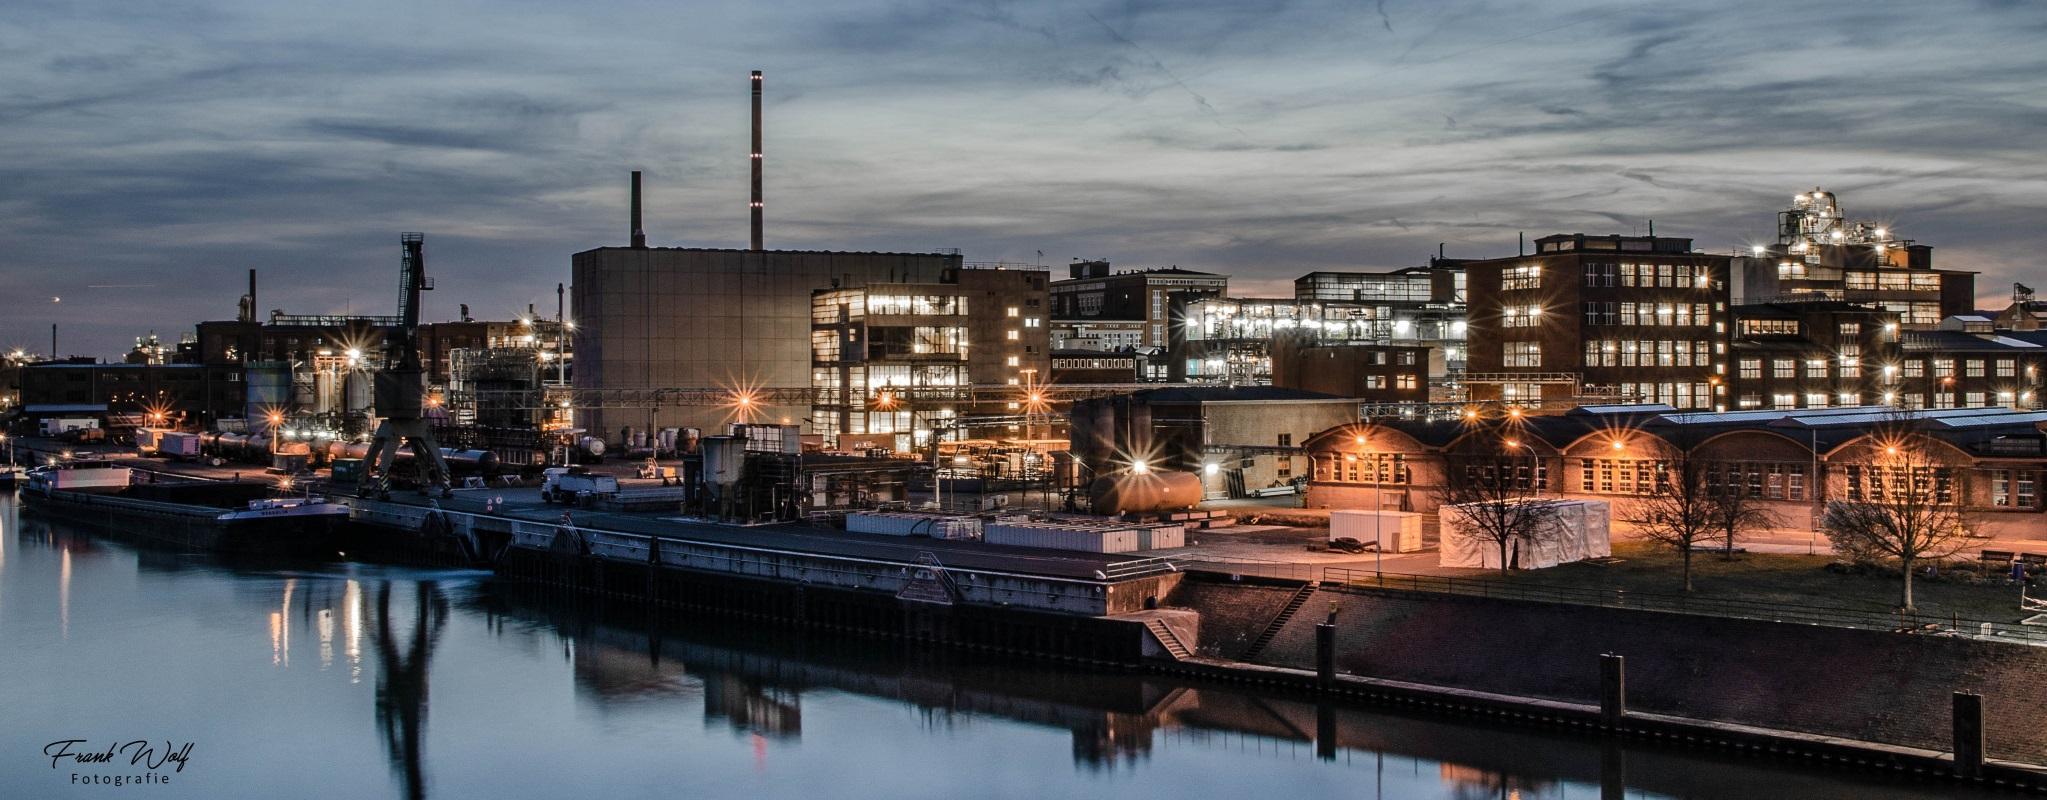 industriepark.2048.800